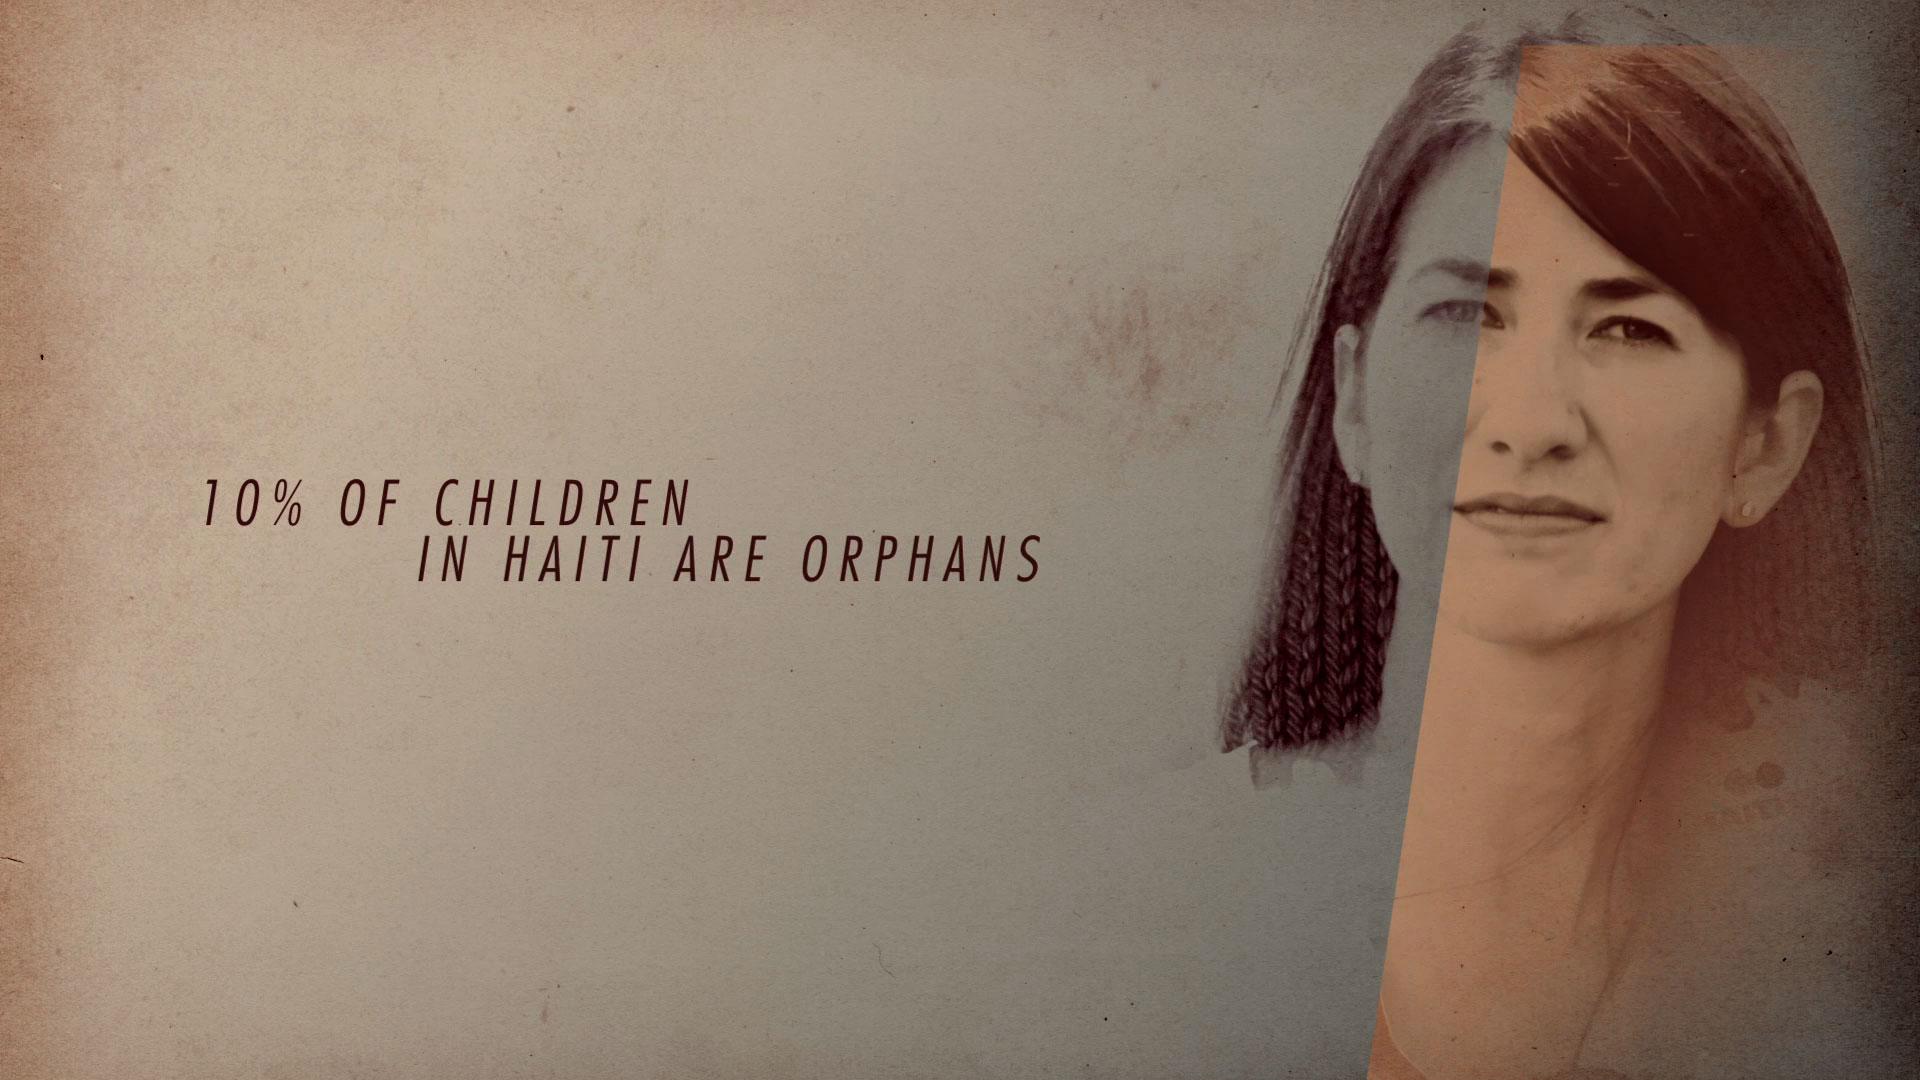 10% OF CHILDREN IN HAITI ARE ORPHANS